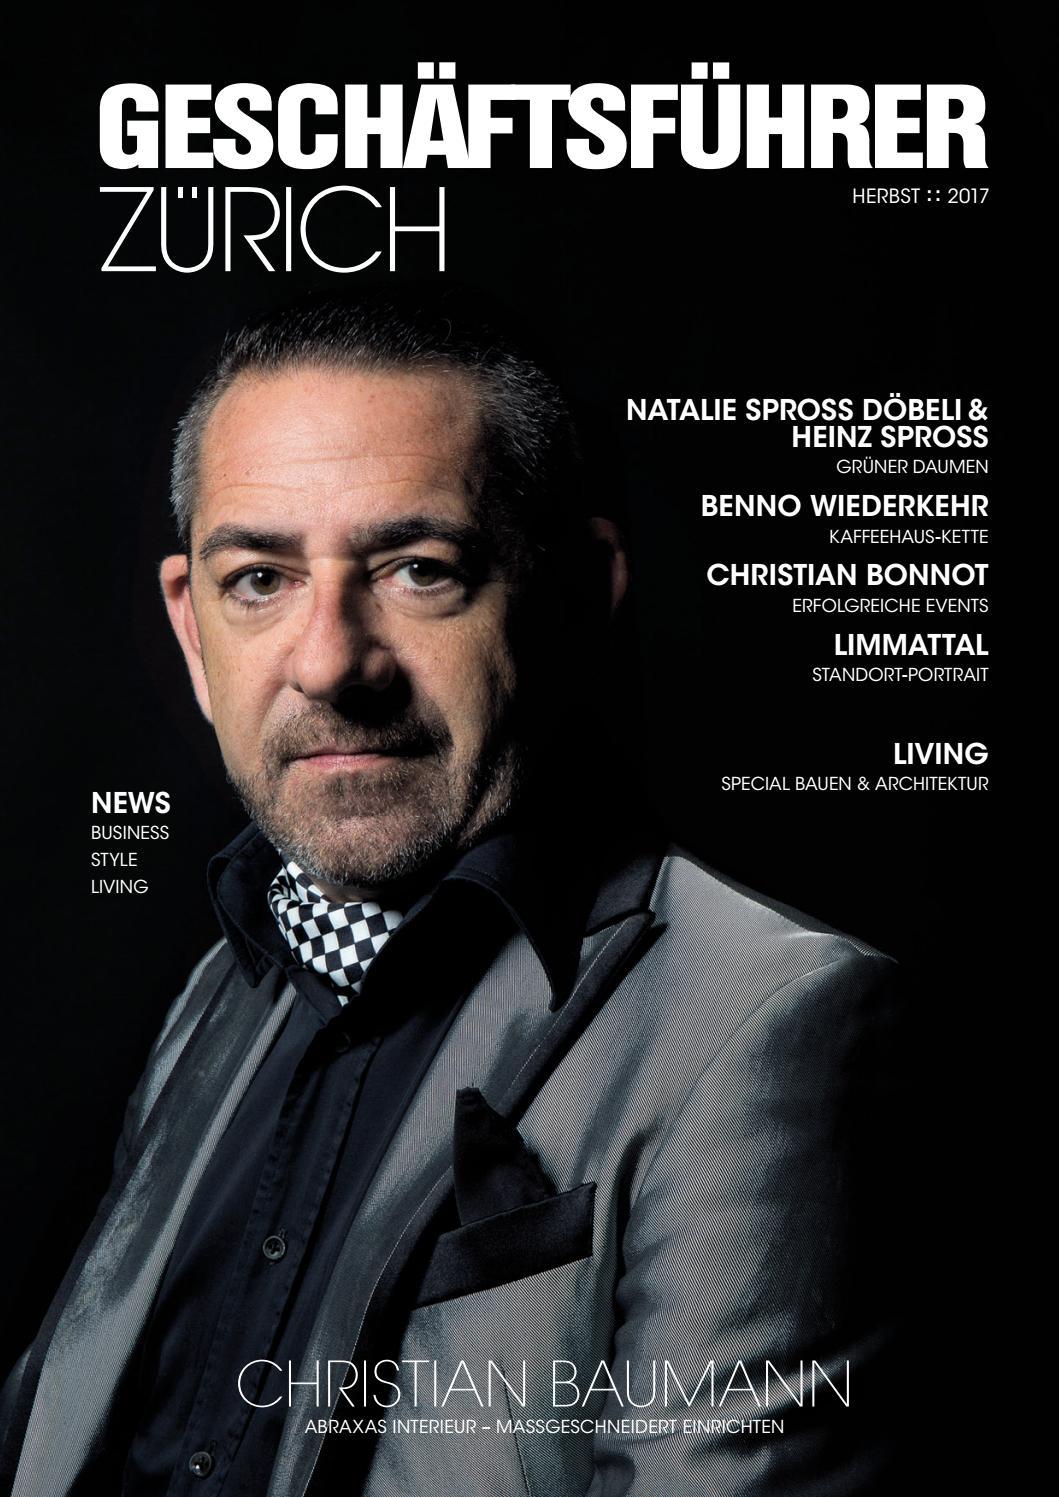 Geschäftsführer Zürich 03/2017 by rundschauMEDIEN AG - issuu